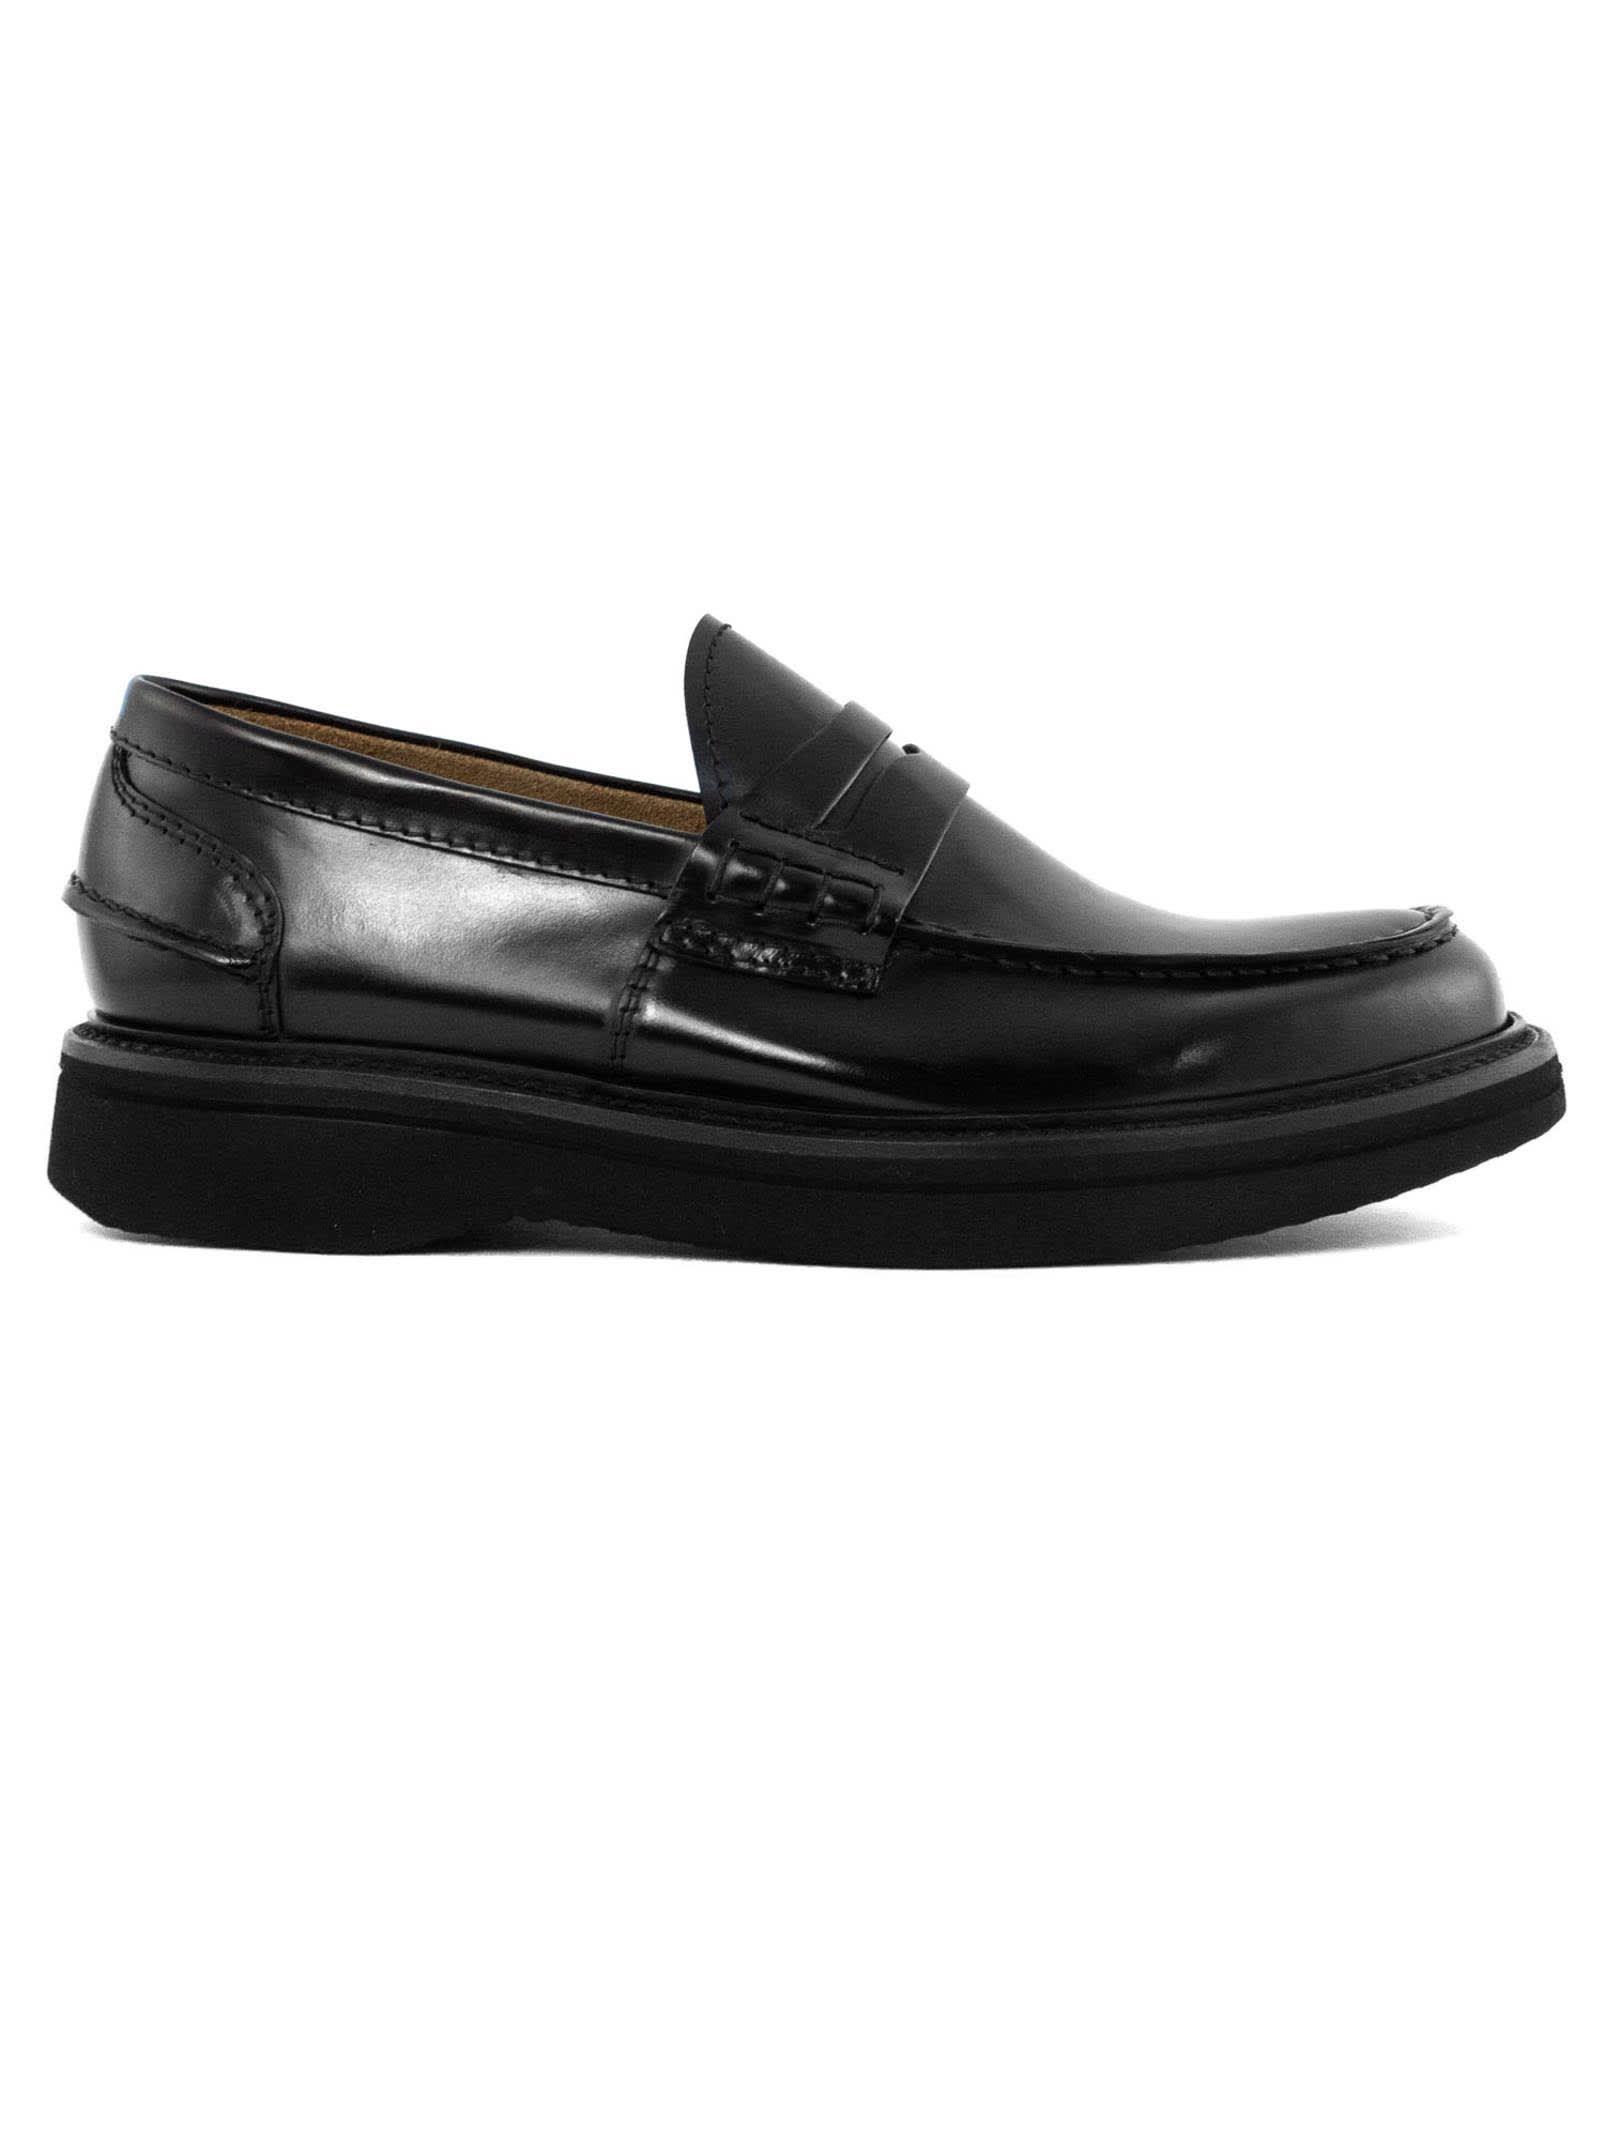 Black Polished Leather Loafer